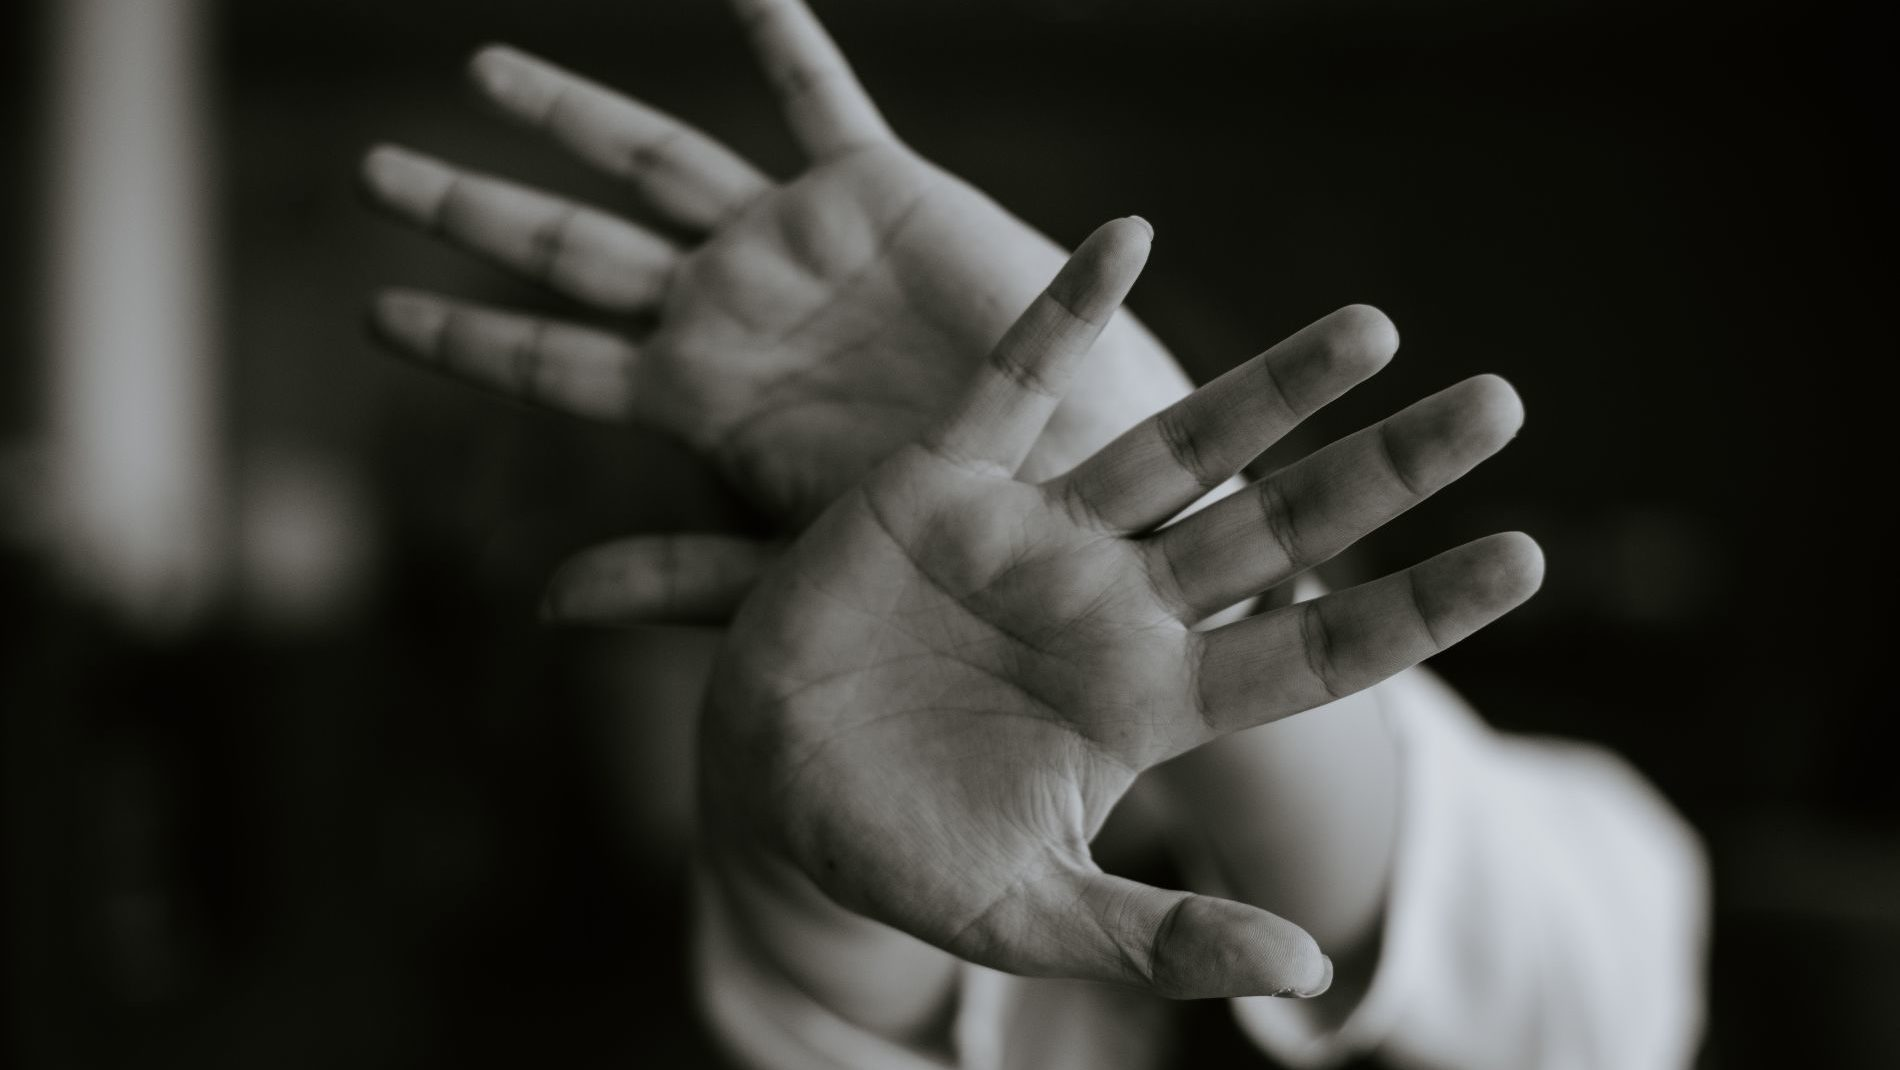 У Запоріжжі згвалтували дівчину: поліція просить про допомогу в пошуках злочинця, – ФОТО